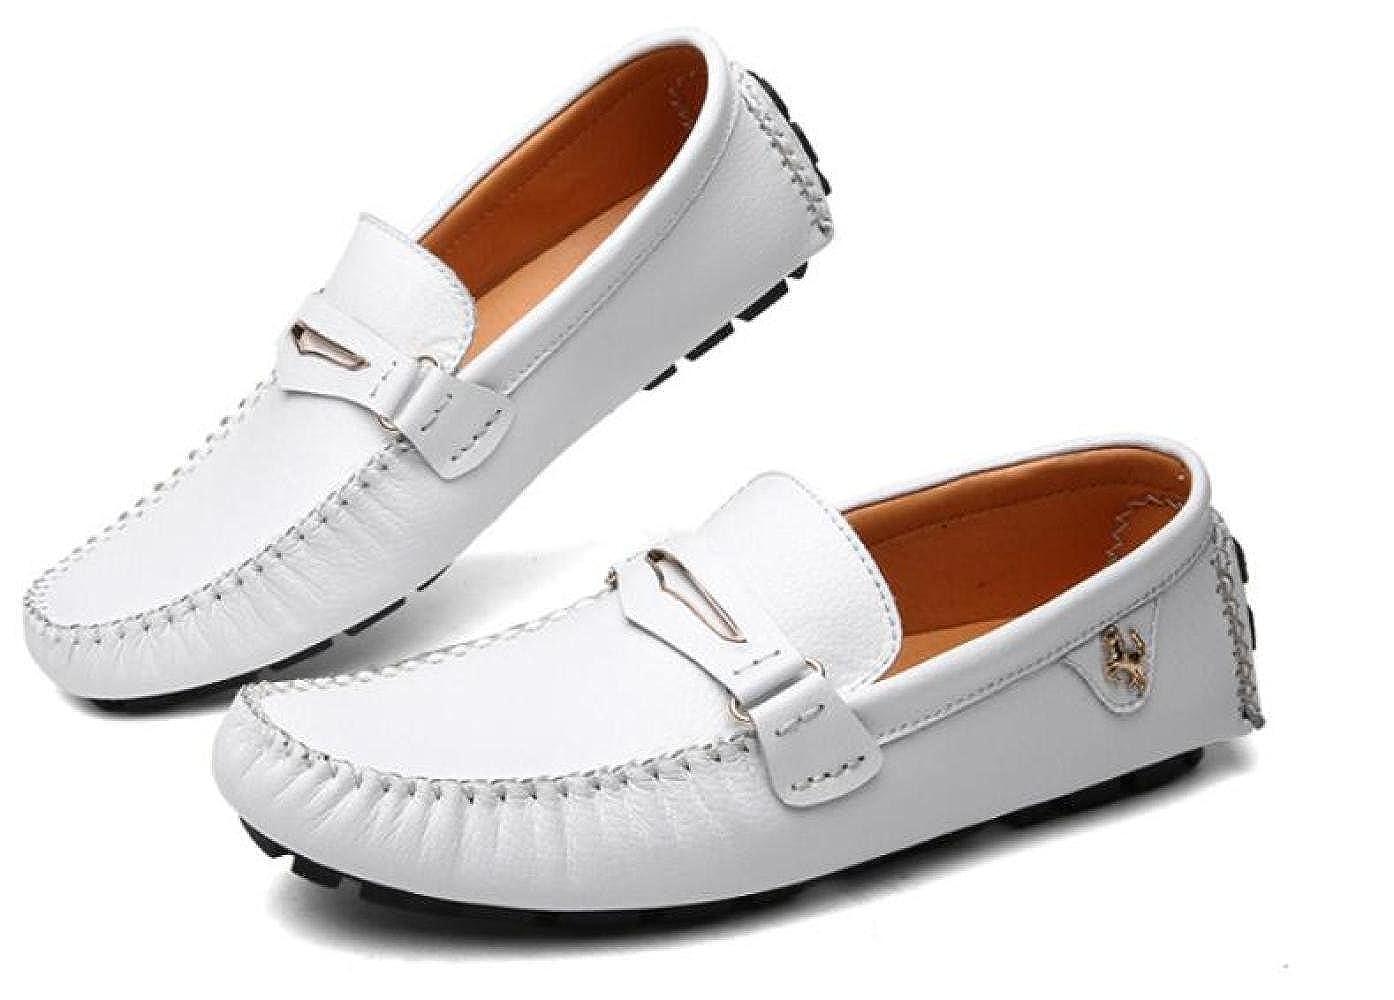 Männer Lässig Erbsenschuhe Faule Herrenschuhe Schuhe Fahrschuhe Herrenschuhe Faule Weiß 51a0f7